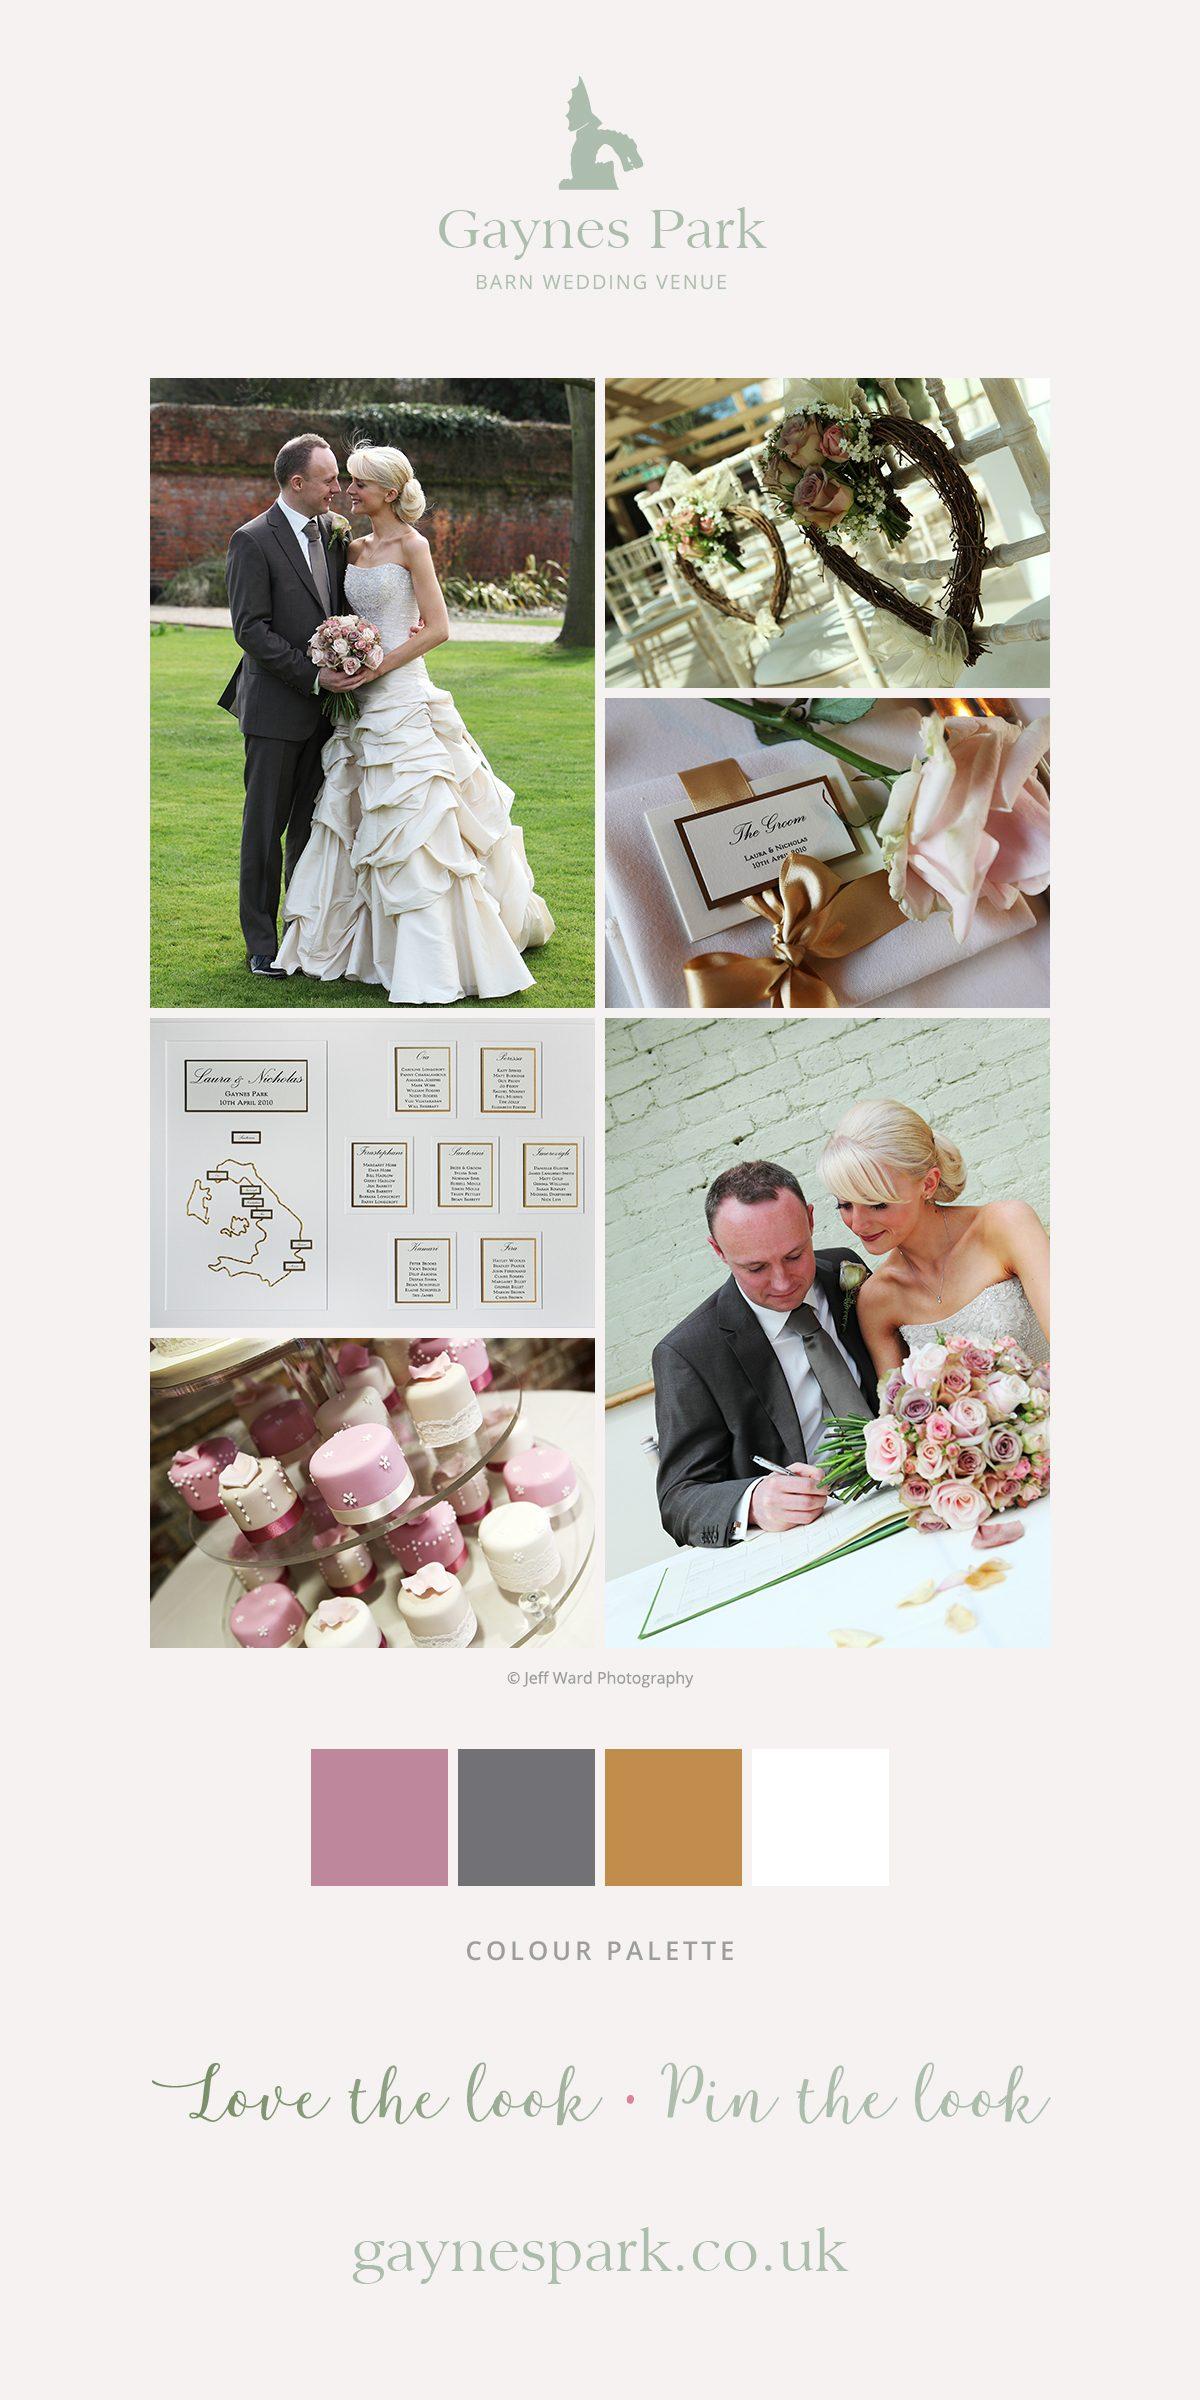 Laura and Nicholas' real life wedding at Gaynes Park